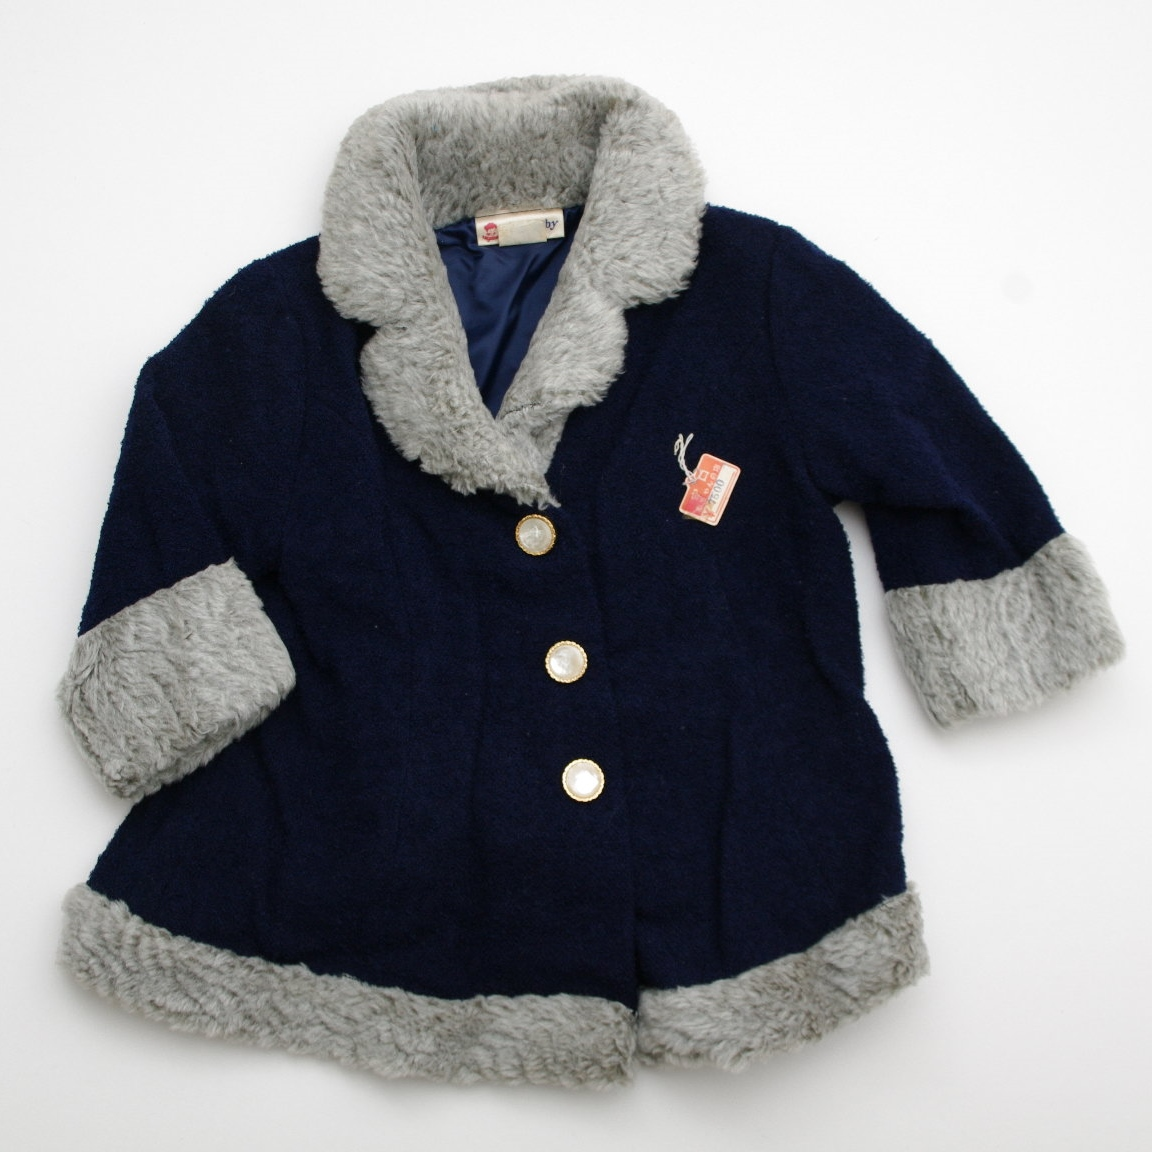 エンゼルベビーのコート 紺色2才 (K131442)